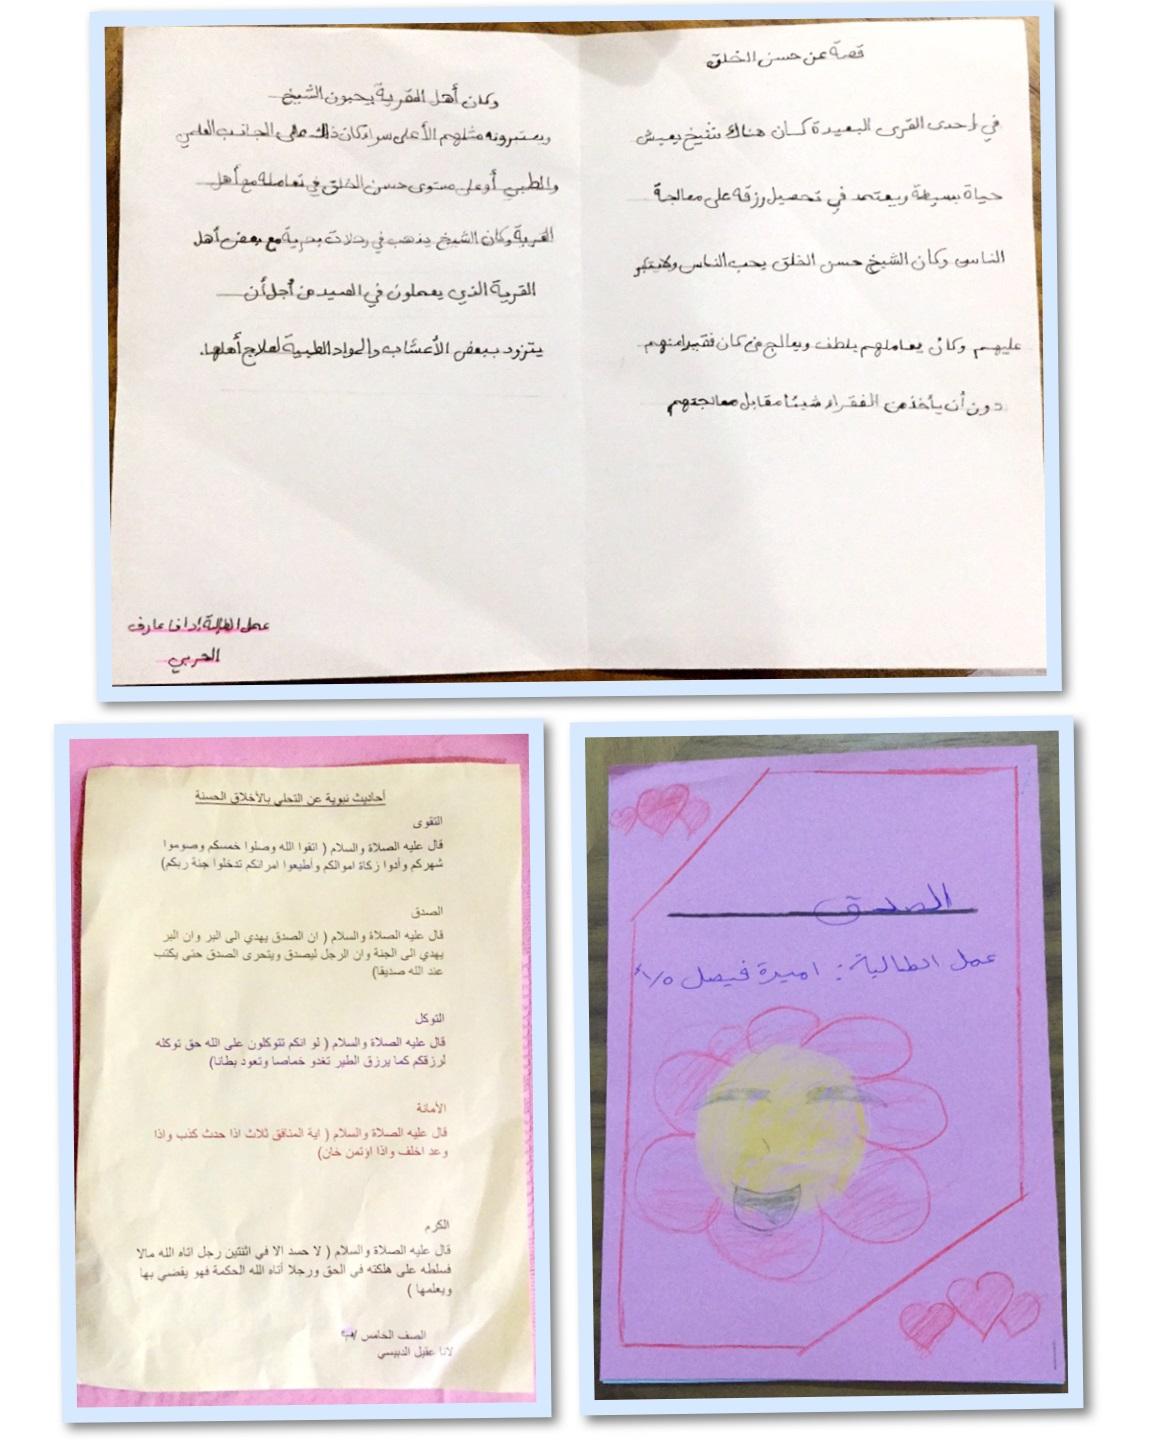 مشروع الوحدة الأولى أخلاق وفضائل ملف الإنجاز الإلكتروني للمعلمة ليلى عواد المغامسي